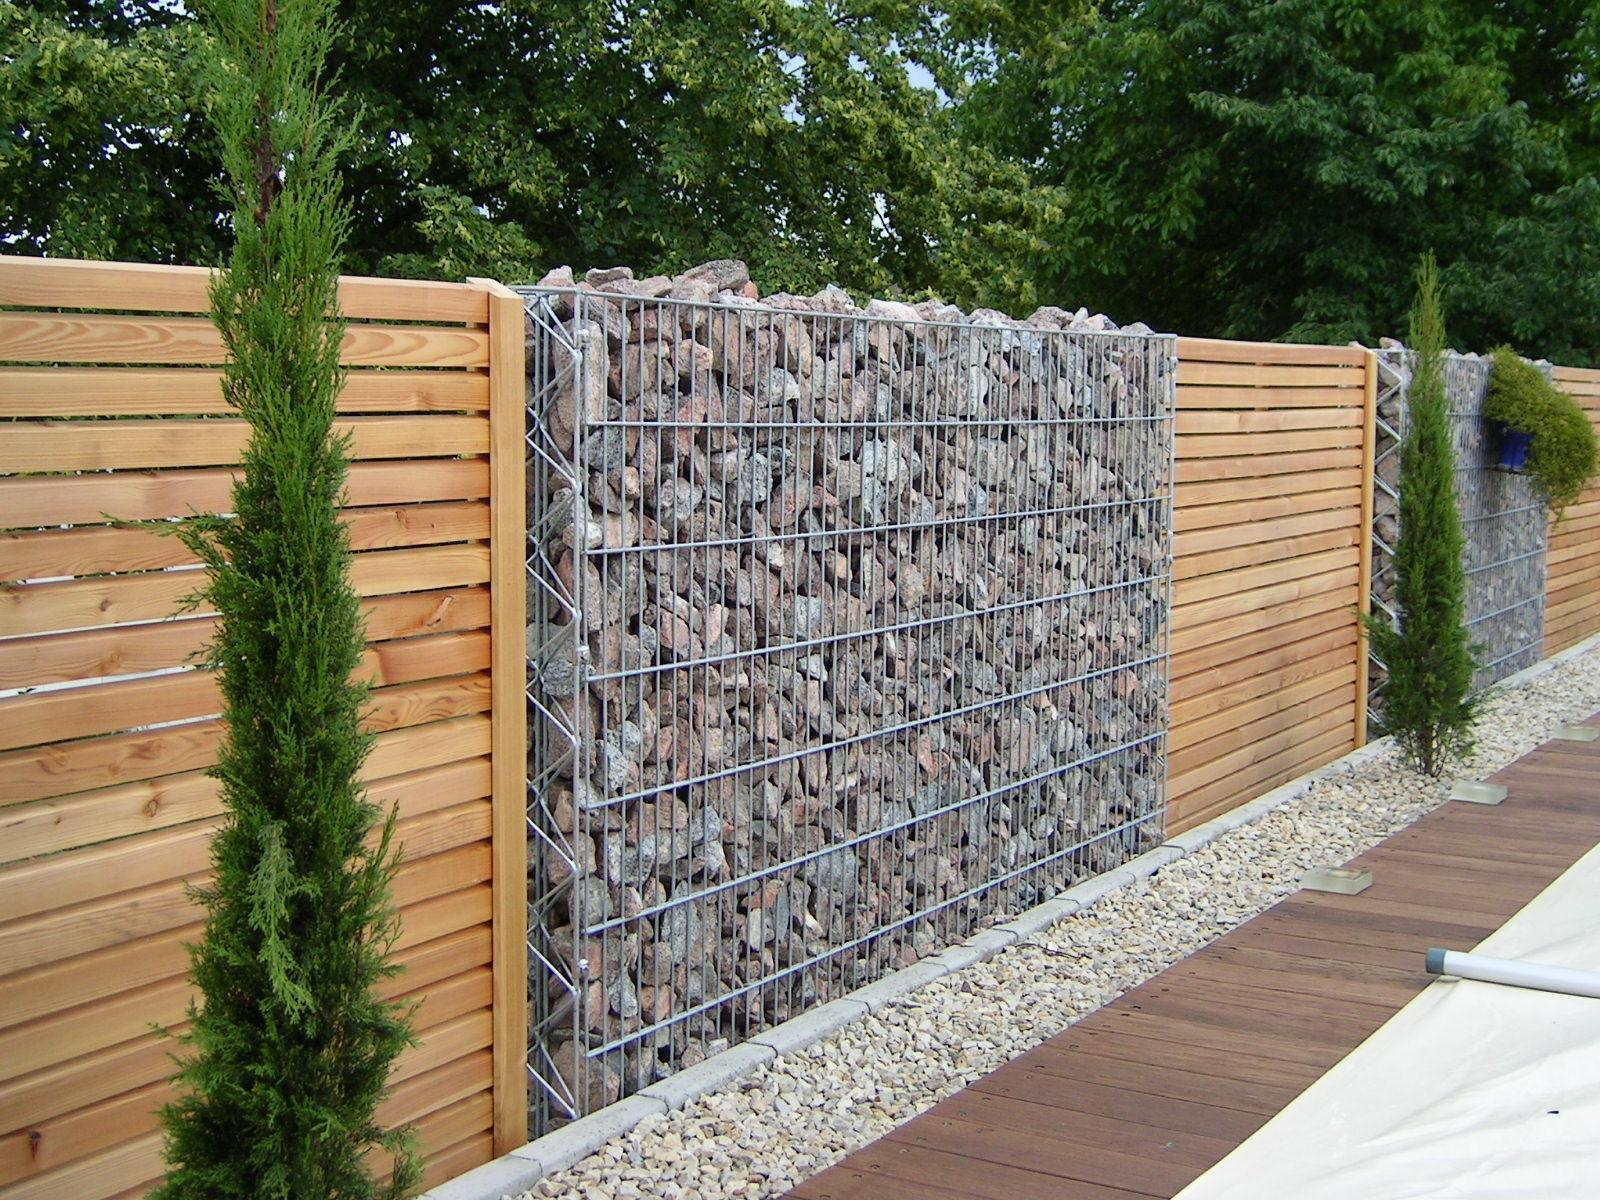 muro de madera y alambre